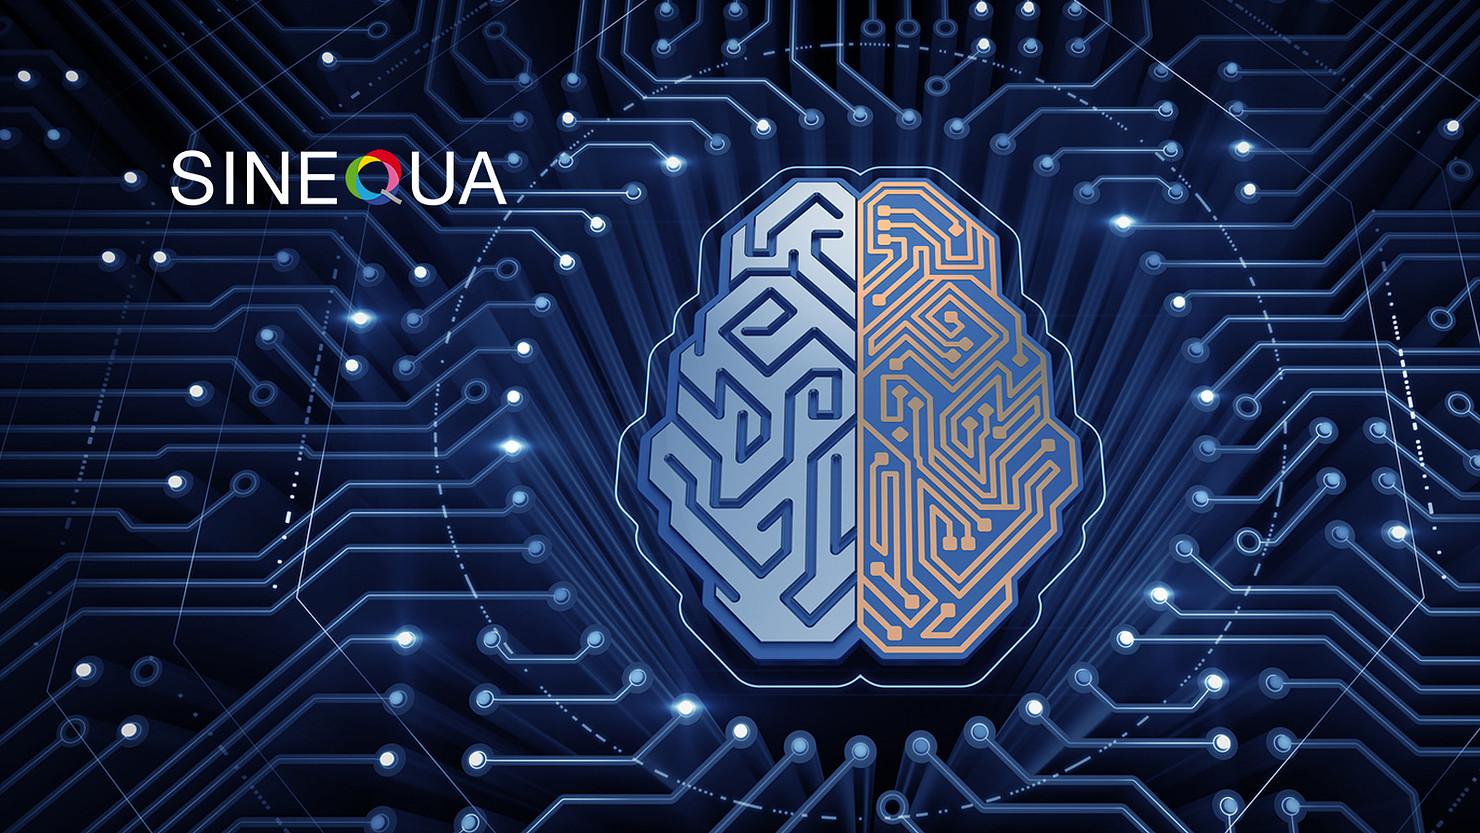 Sinequa, une entreprise de pointe en termes d'utilisation de l'IA